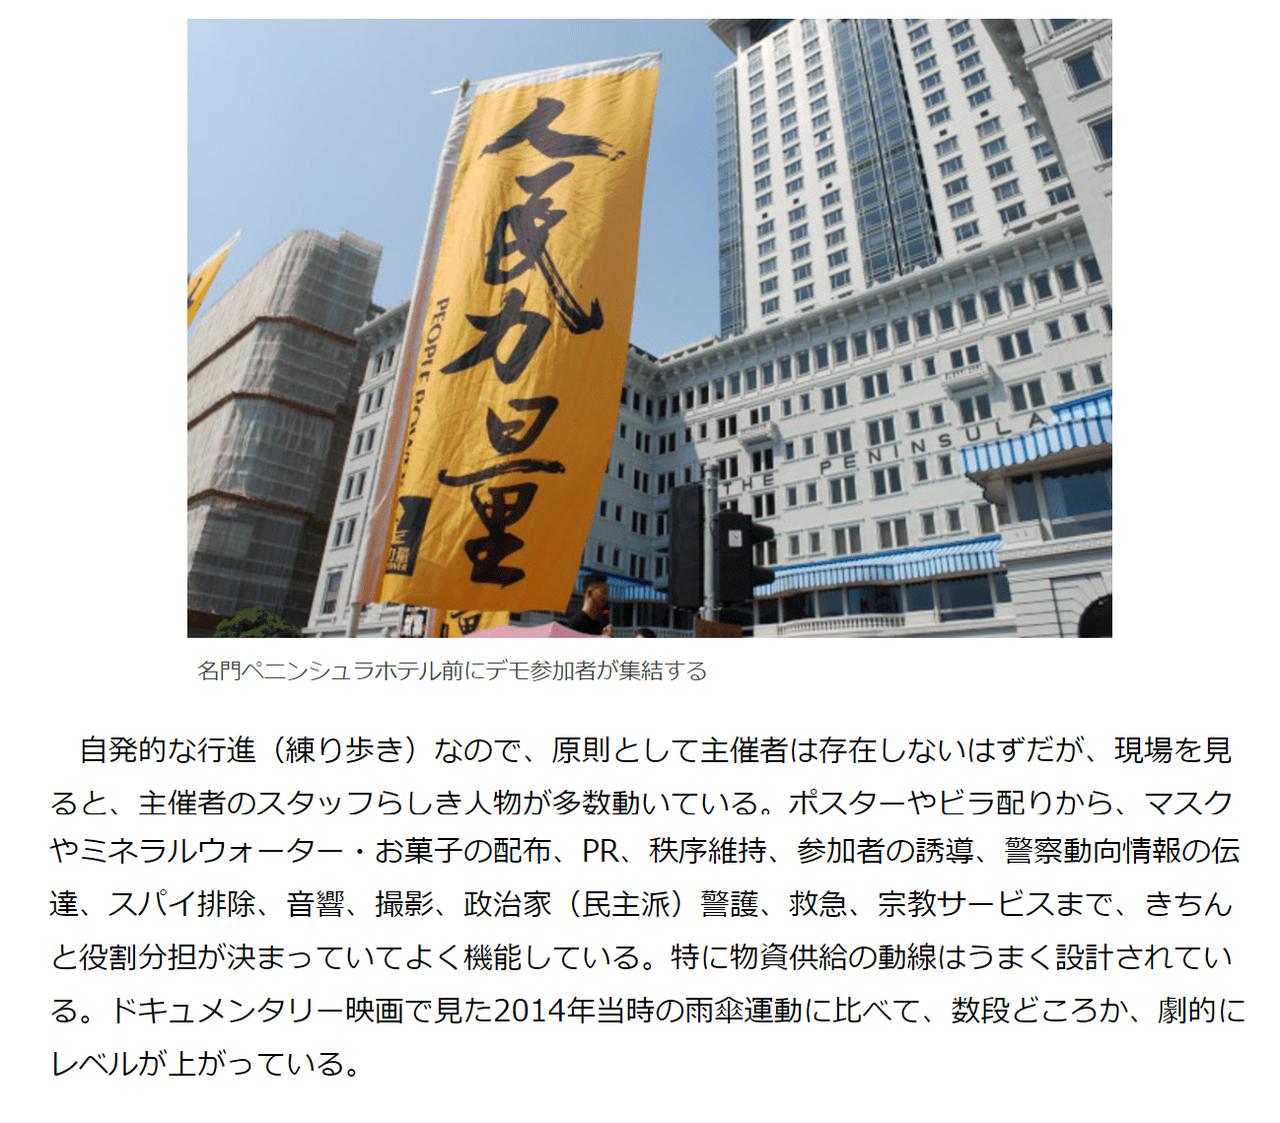 香港デモは暴徒の集まりなのか?現場取材で分かったこと2